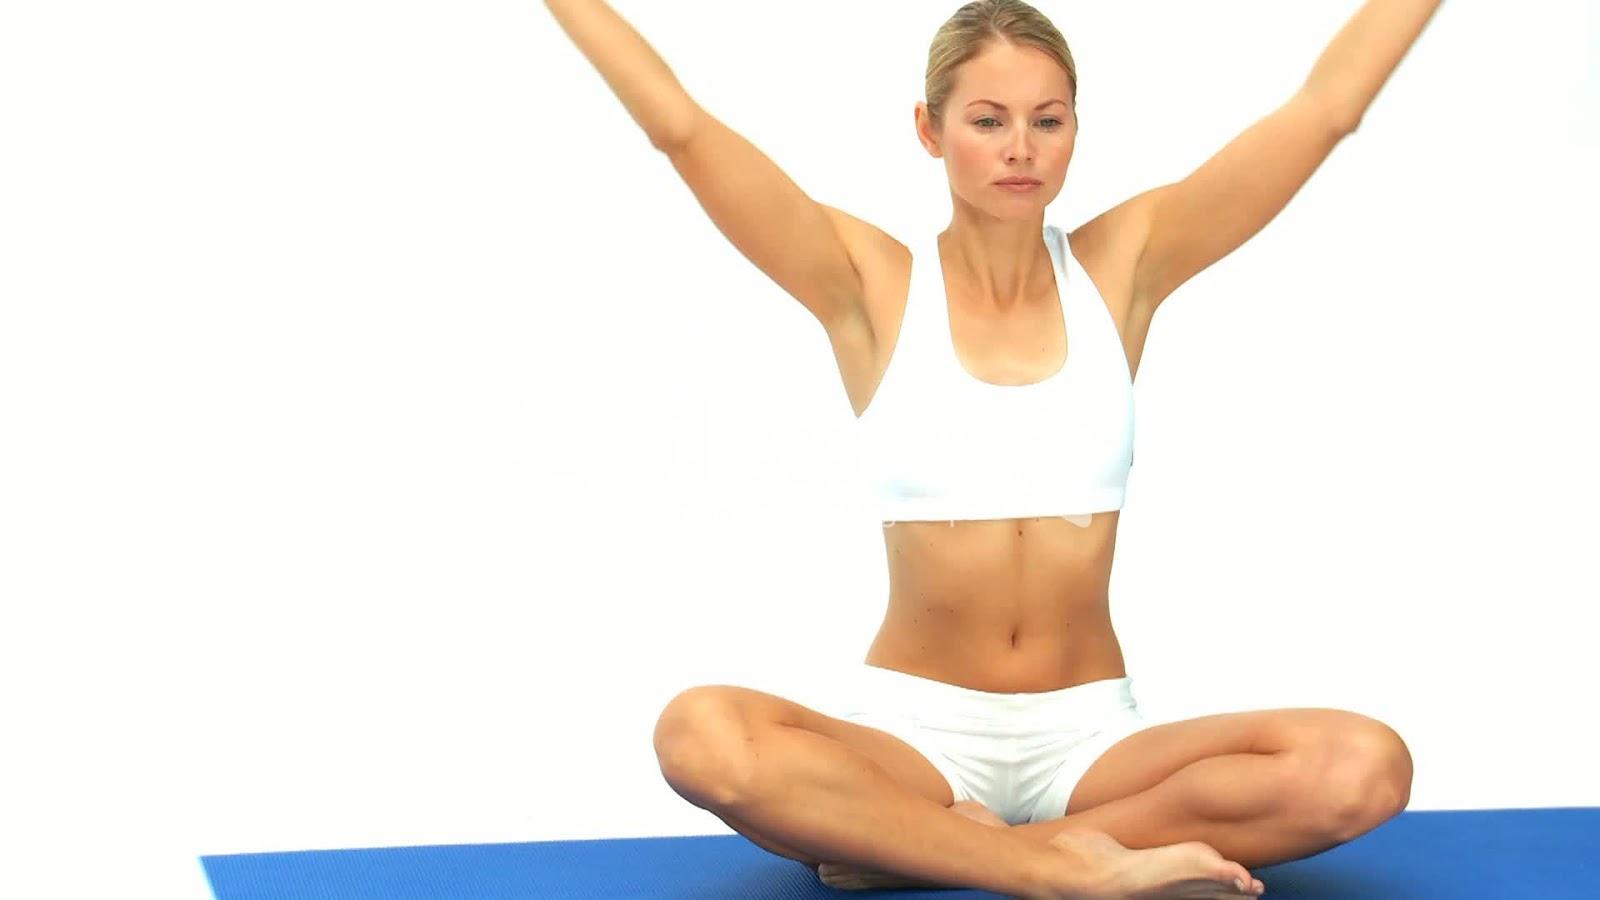 Дыхательные Упражнения Для Похудения В Талии. Эффективное похудение живота с помощью дыхательной гимнастики